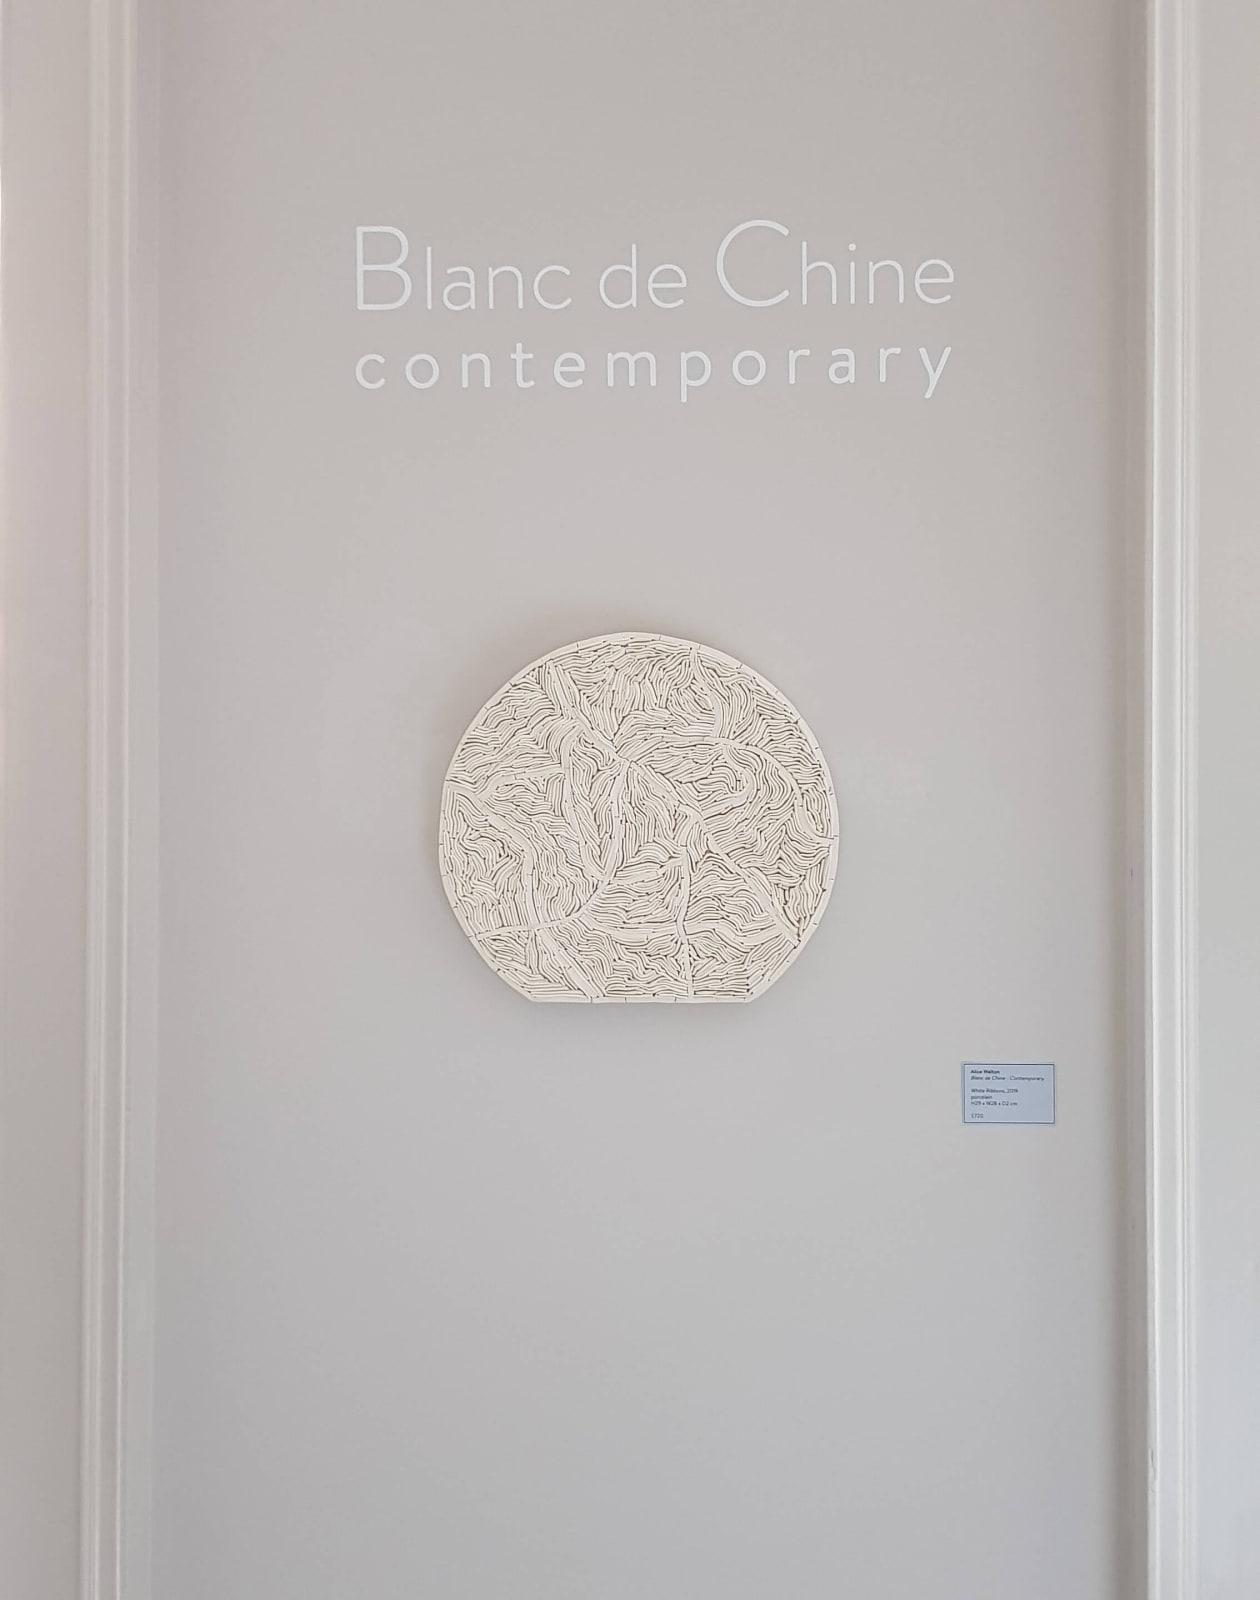 Blanc de Chine Contemporary